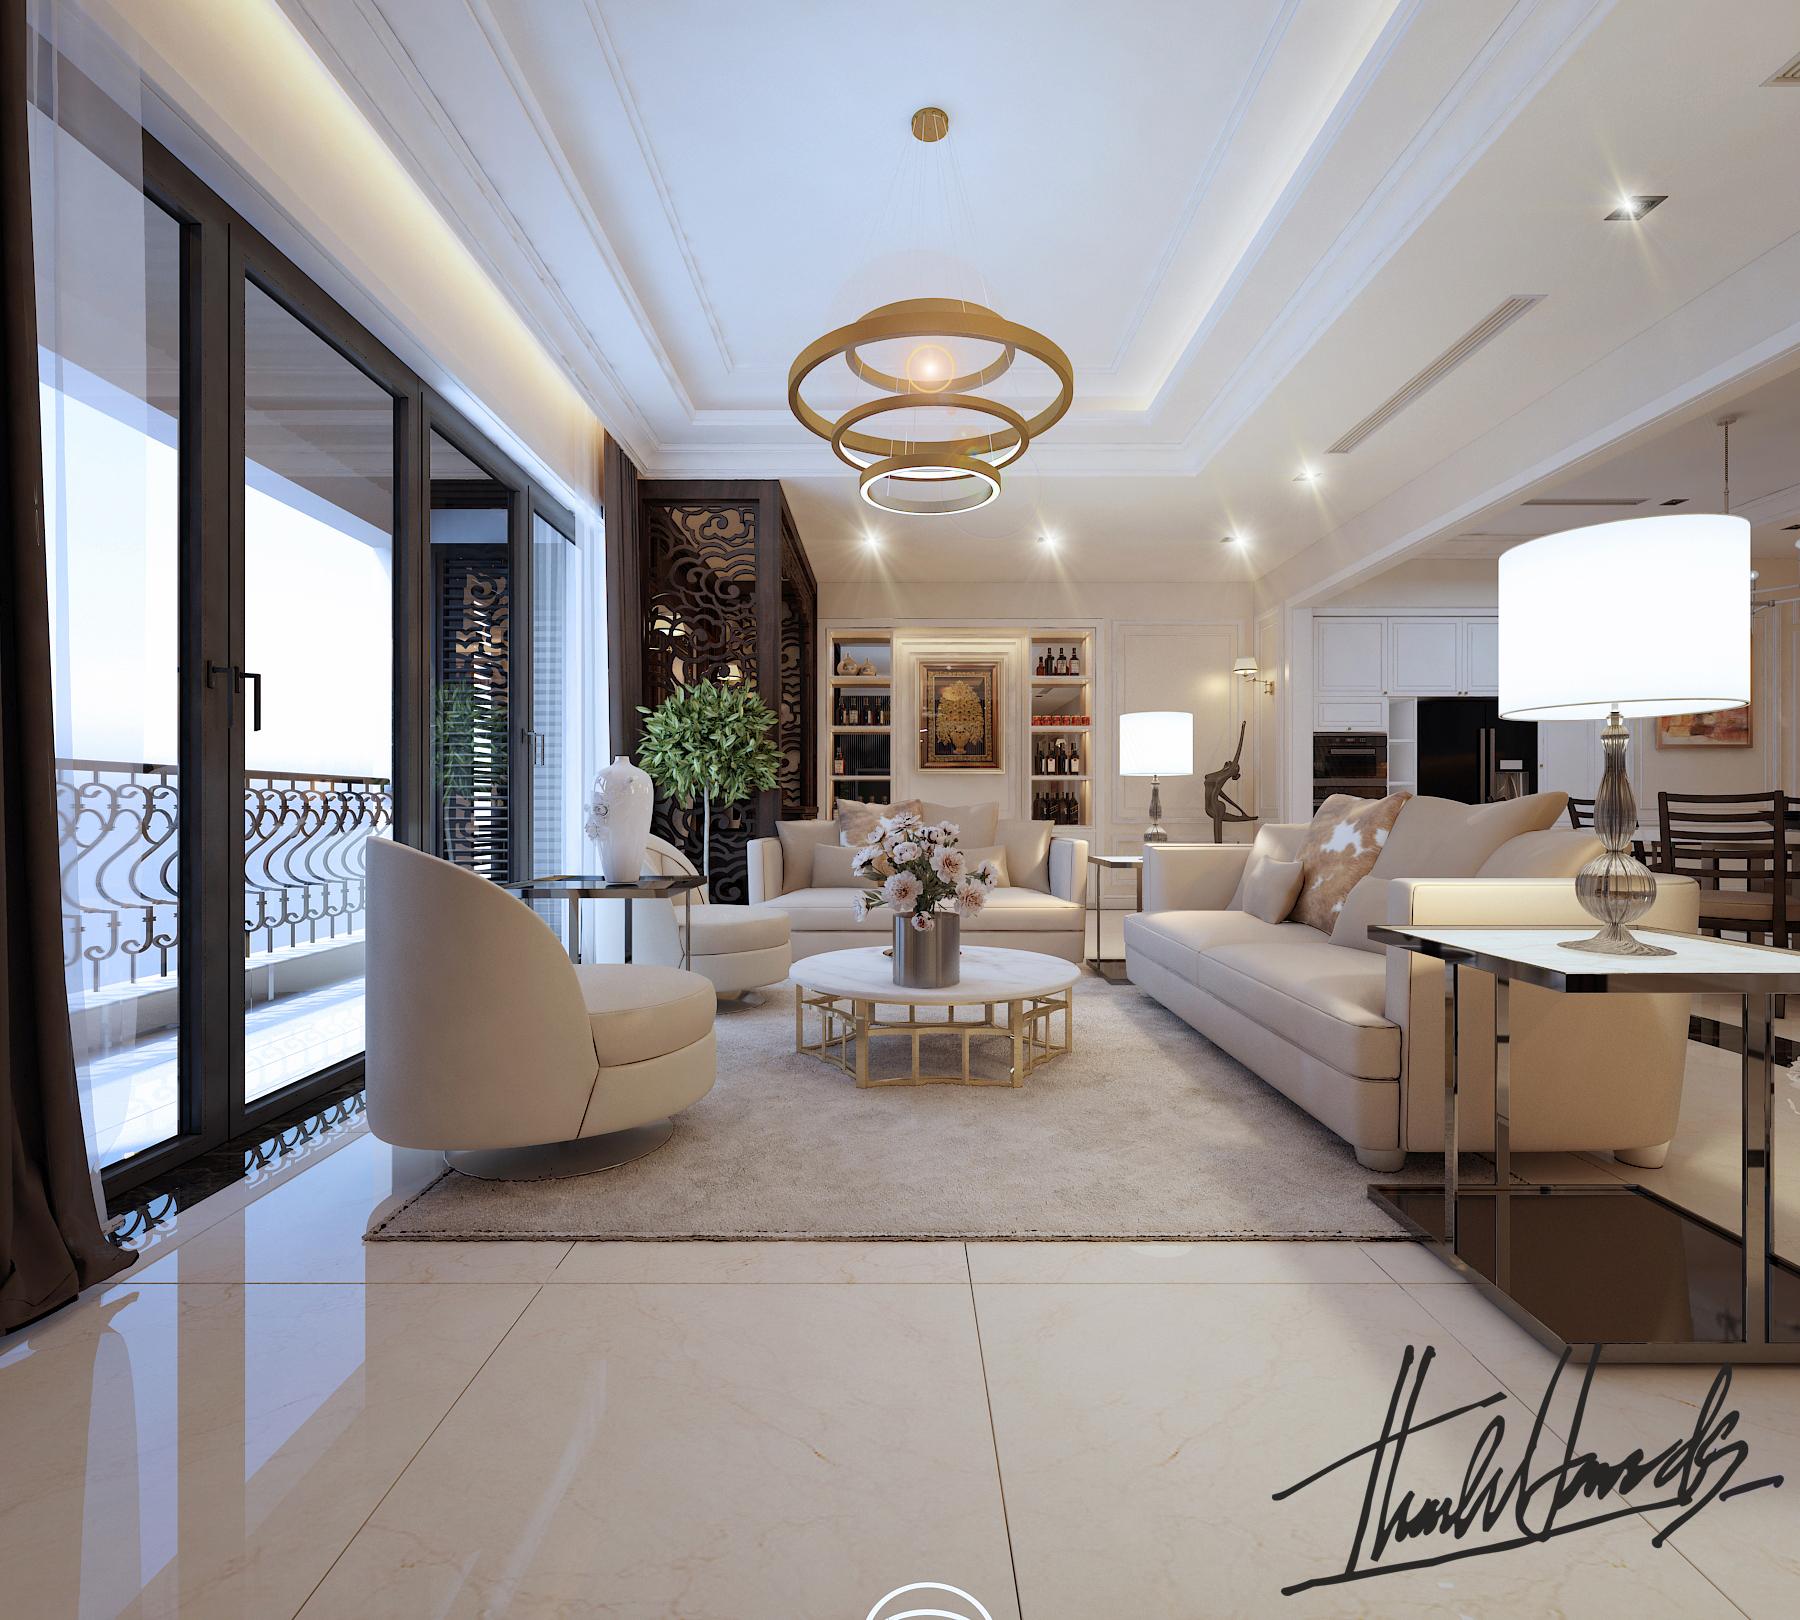 thiết kế nội thất chung cư tại Hà Nội chung cu royacity 3 1568191818